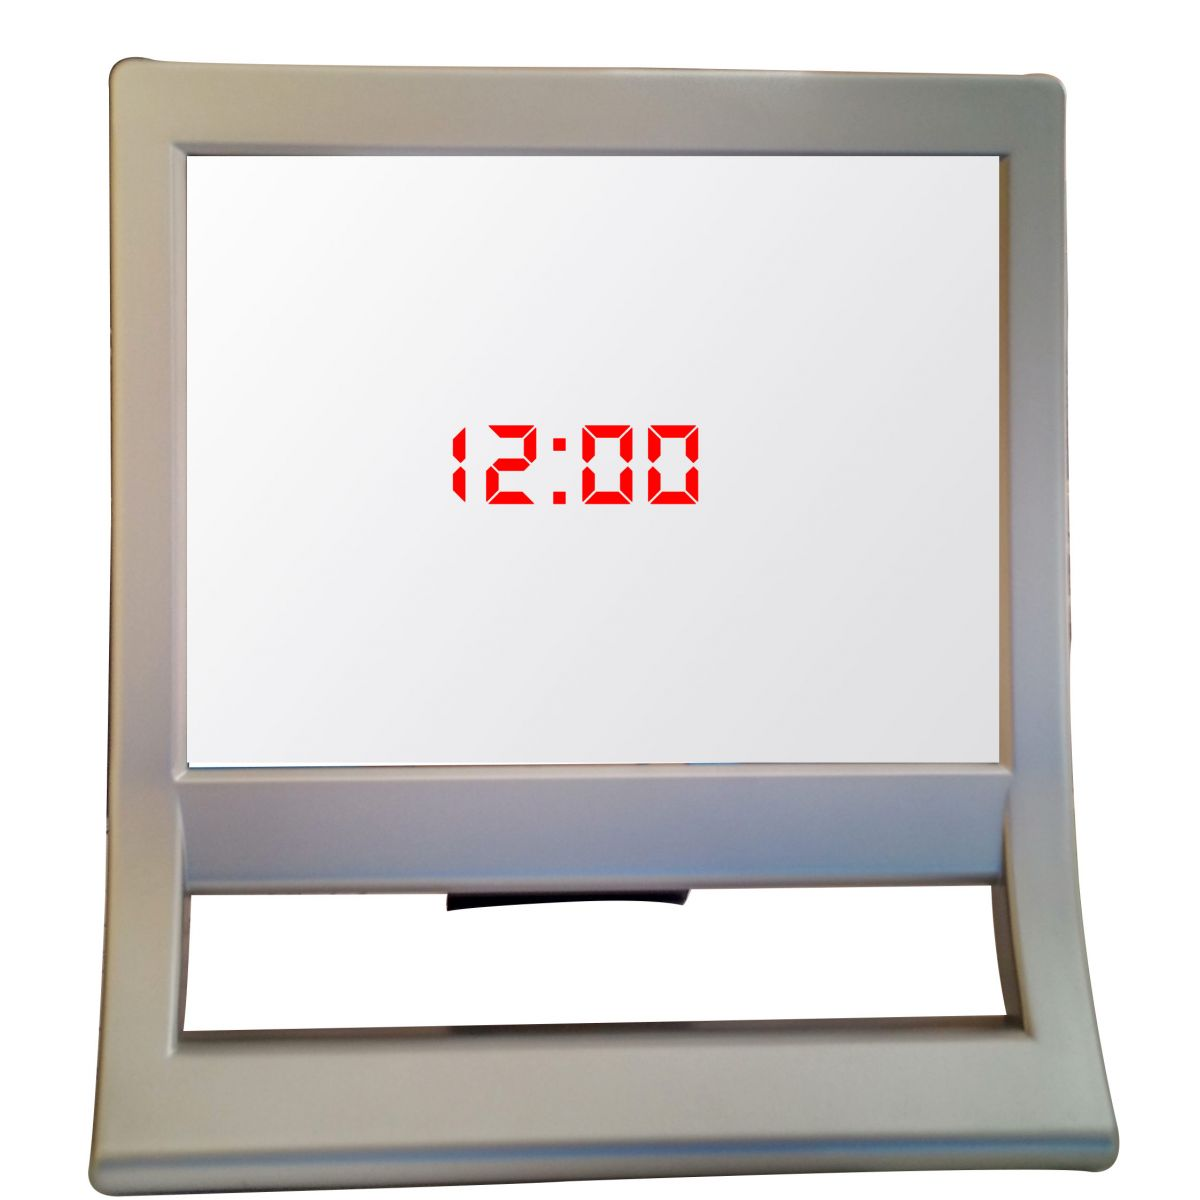 Relógio Digital com Espelho e Controle de Voz - Frete Grátis  - Thata Esportes